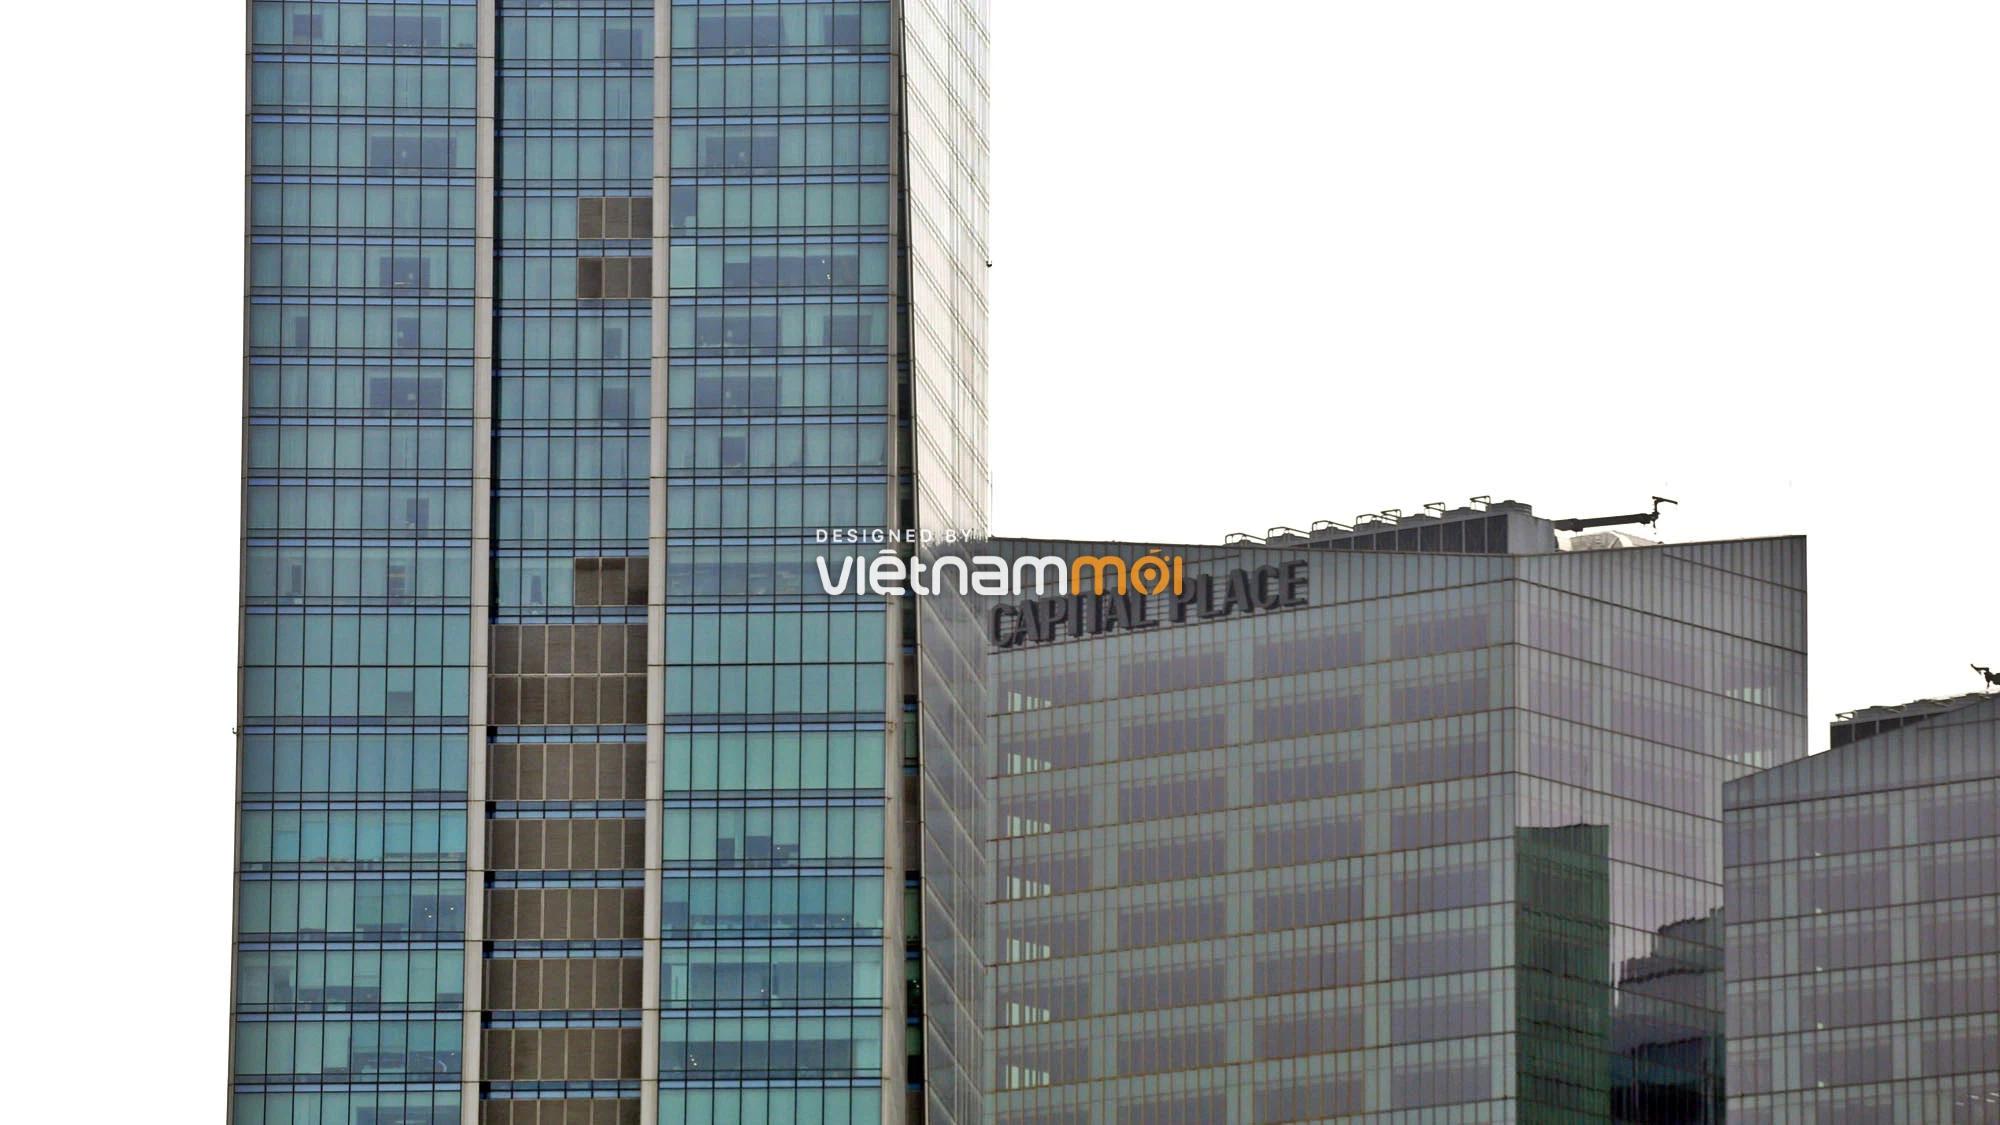 Cận cảnh tòa nhà duy nhất được xây trên 50 tầng ở vùng nội đô lịch sử - Ảnh 17.